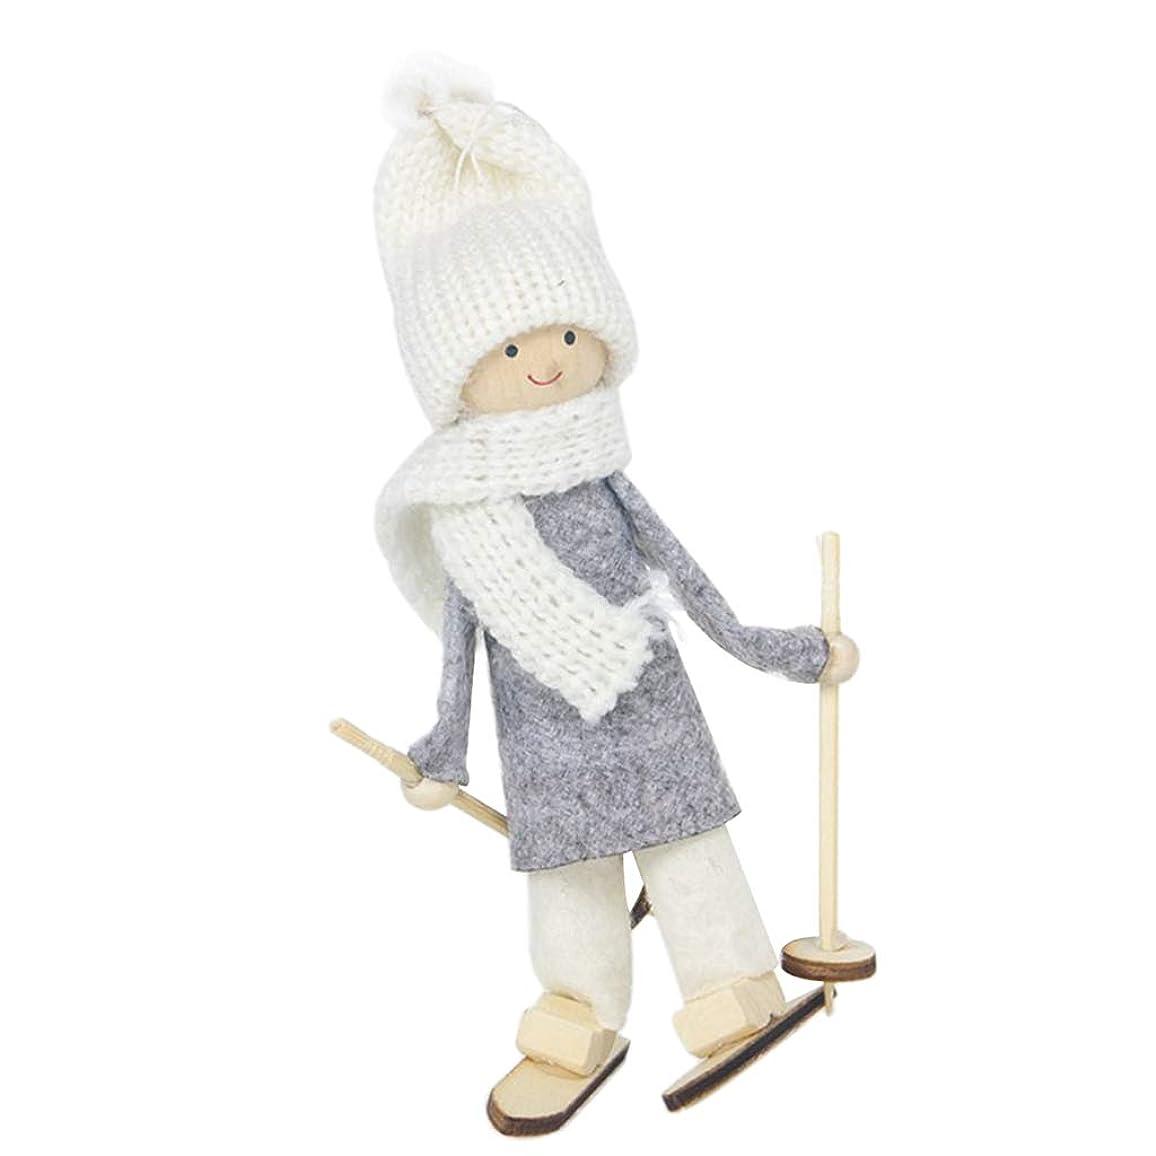 クリーク砂の呪われたクリスマス ドール 吊り装飾 木製 ペンダント 可愛い 人形 プレゼント 2タイプ選べ - 白い帽子